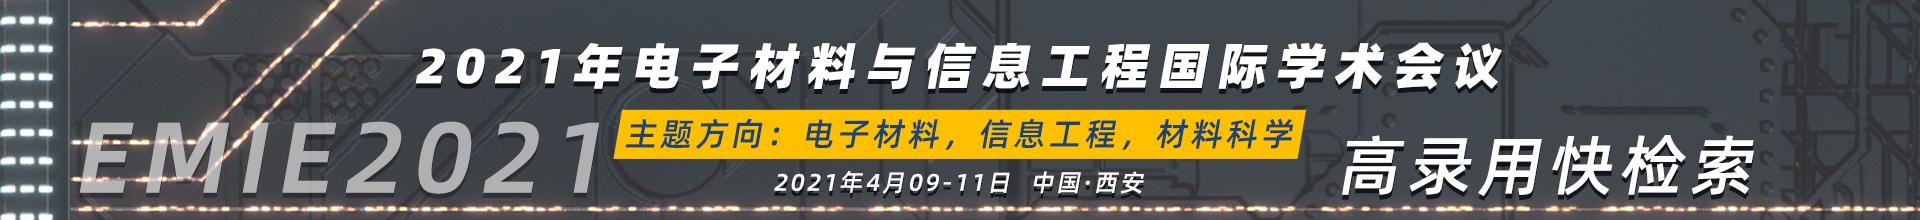 4月-西安-EMIE2021-学术会议云-何霞丽-20201126.jpg